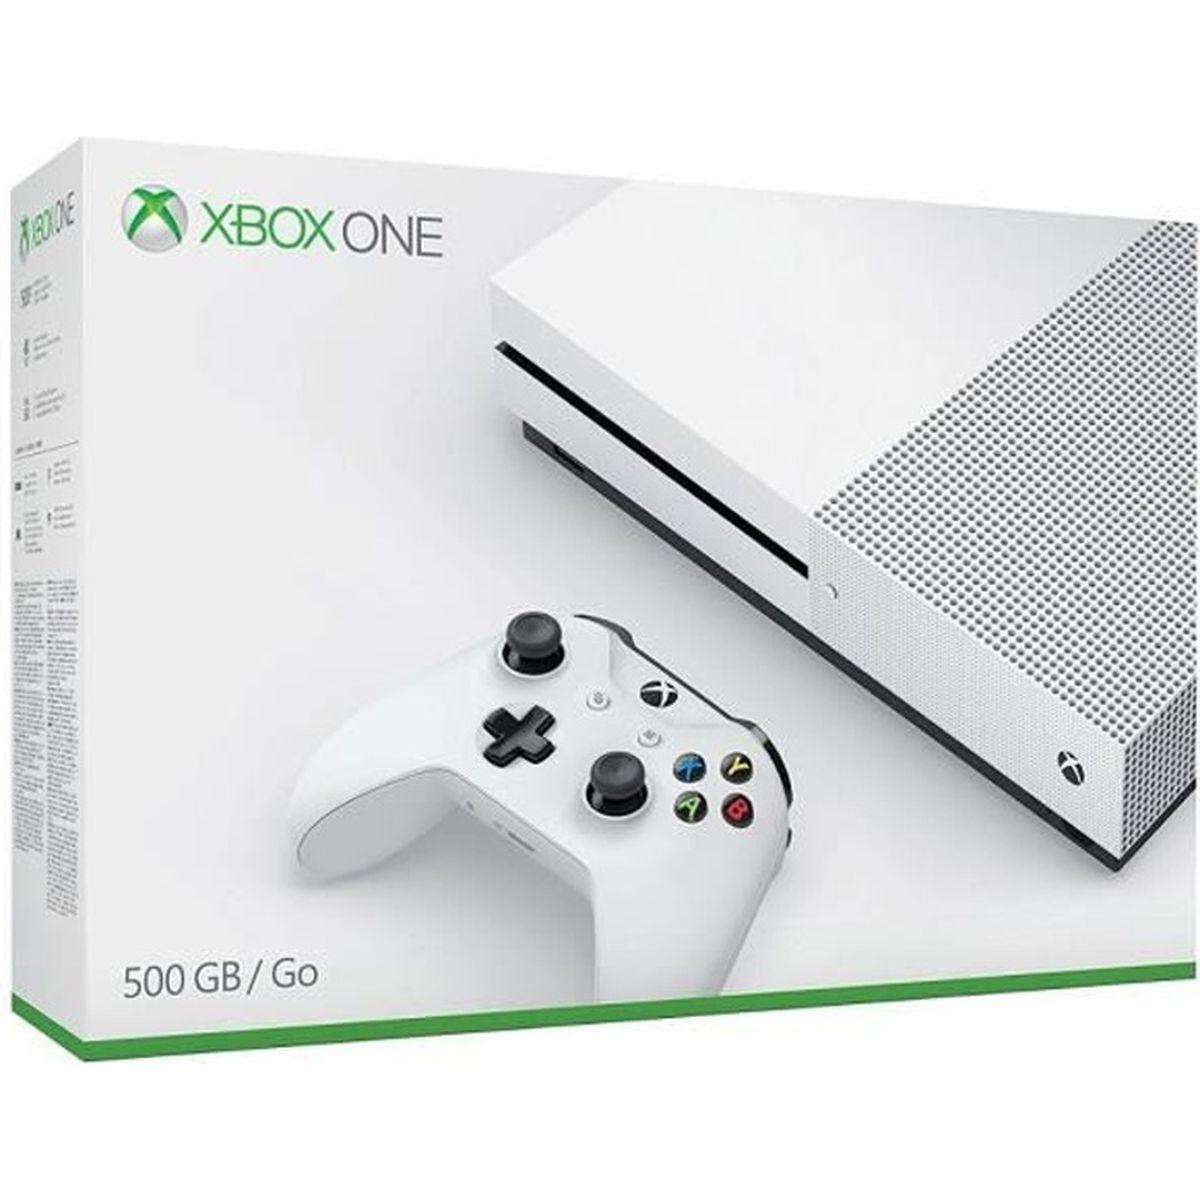 CONSOLE XBOX ONE NOUV. Xbox One S 500 Go